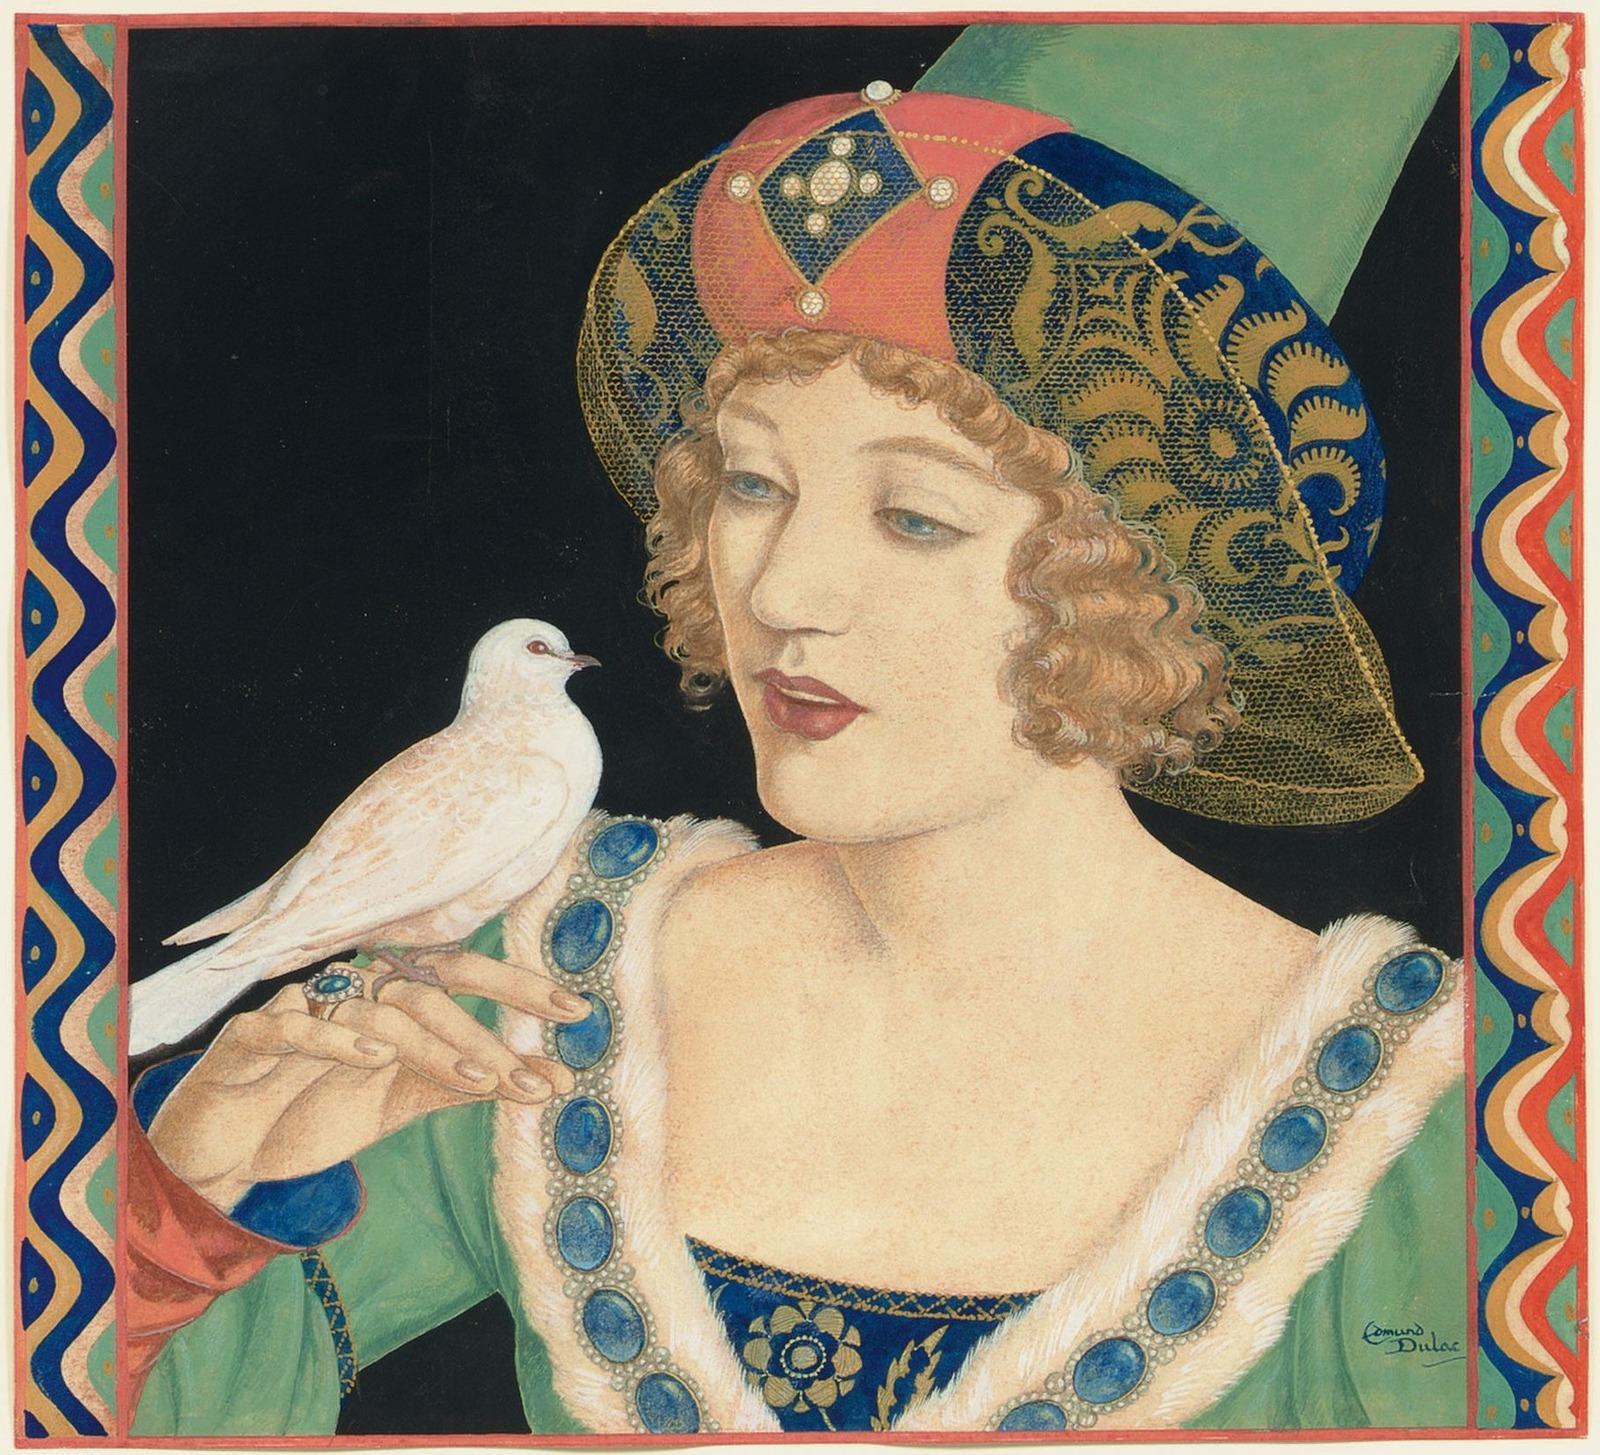 1922 (ок)_Принцесса и белый голубь (Портрет Марион Дэвис)) (The Princess and the White Dove (Portrait of Marion Davies))_31.5 х 23_бумага, графит и гуашь_Частное собрание.jpg